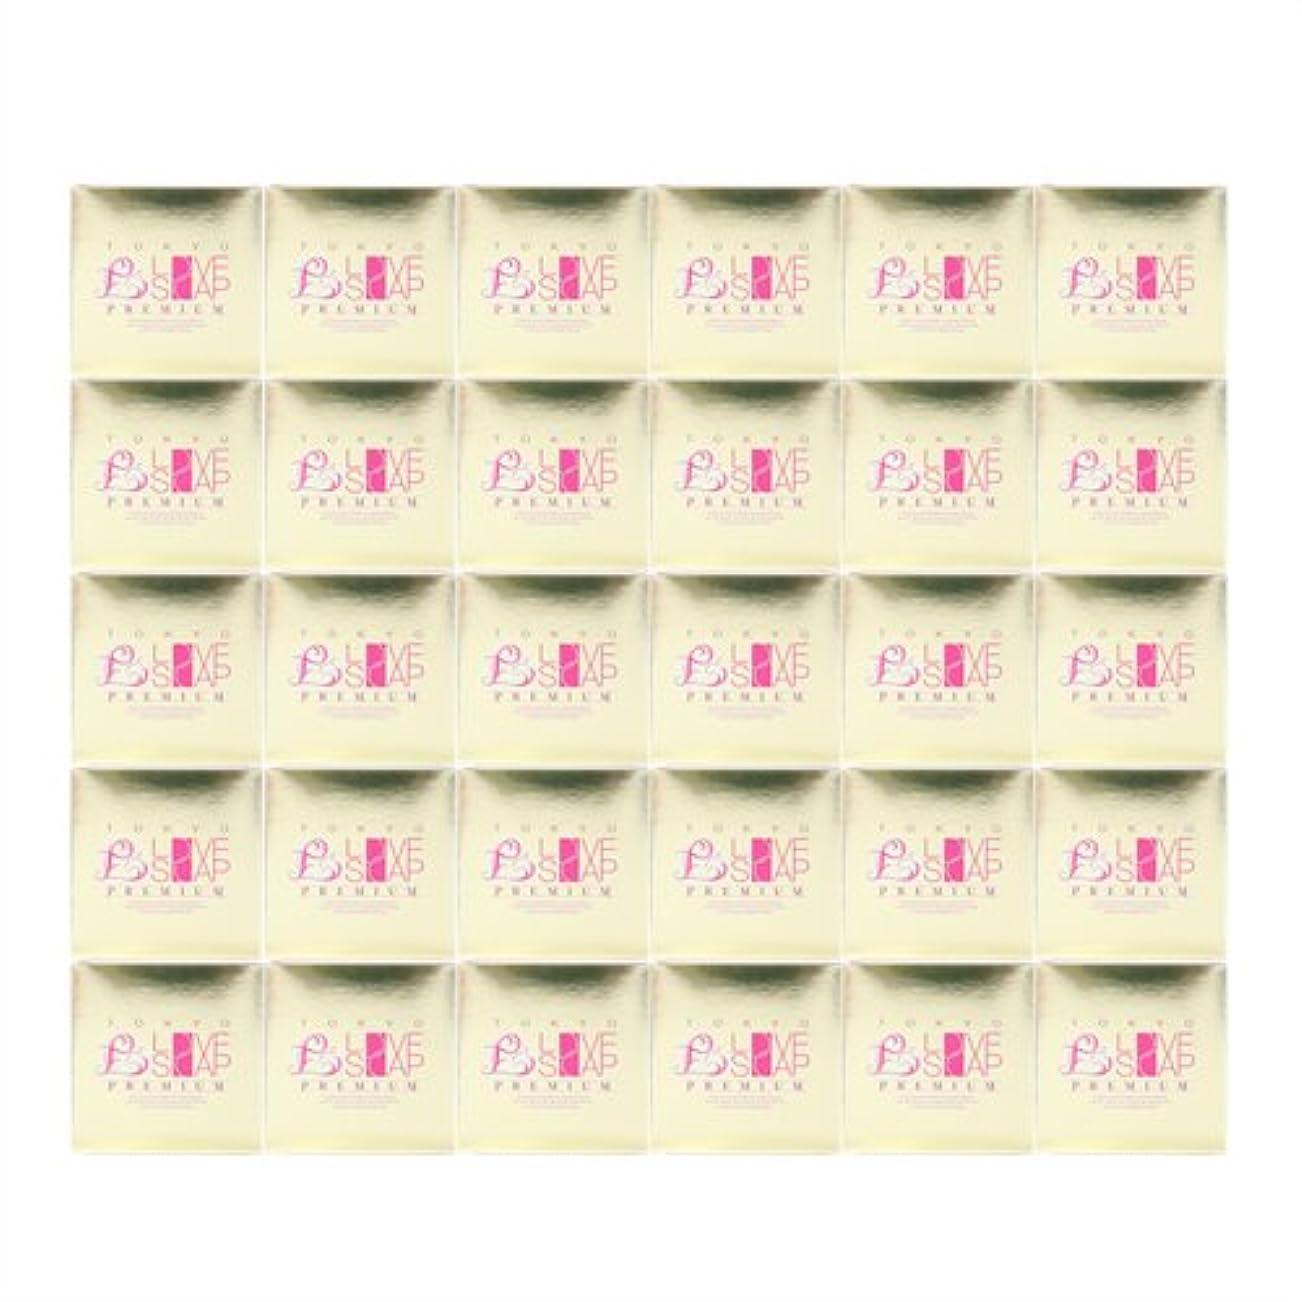 勇気きょうだい愚か東京ラブソープ プレミアム (100g) x30個 セット